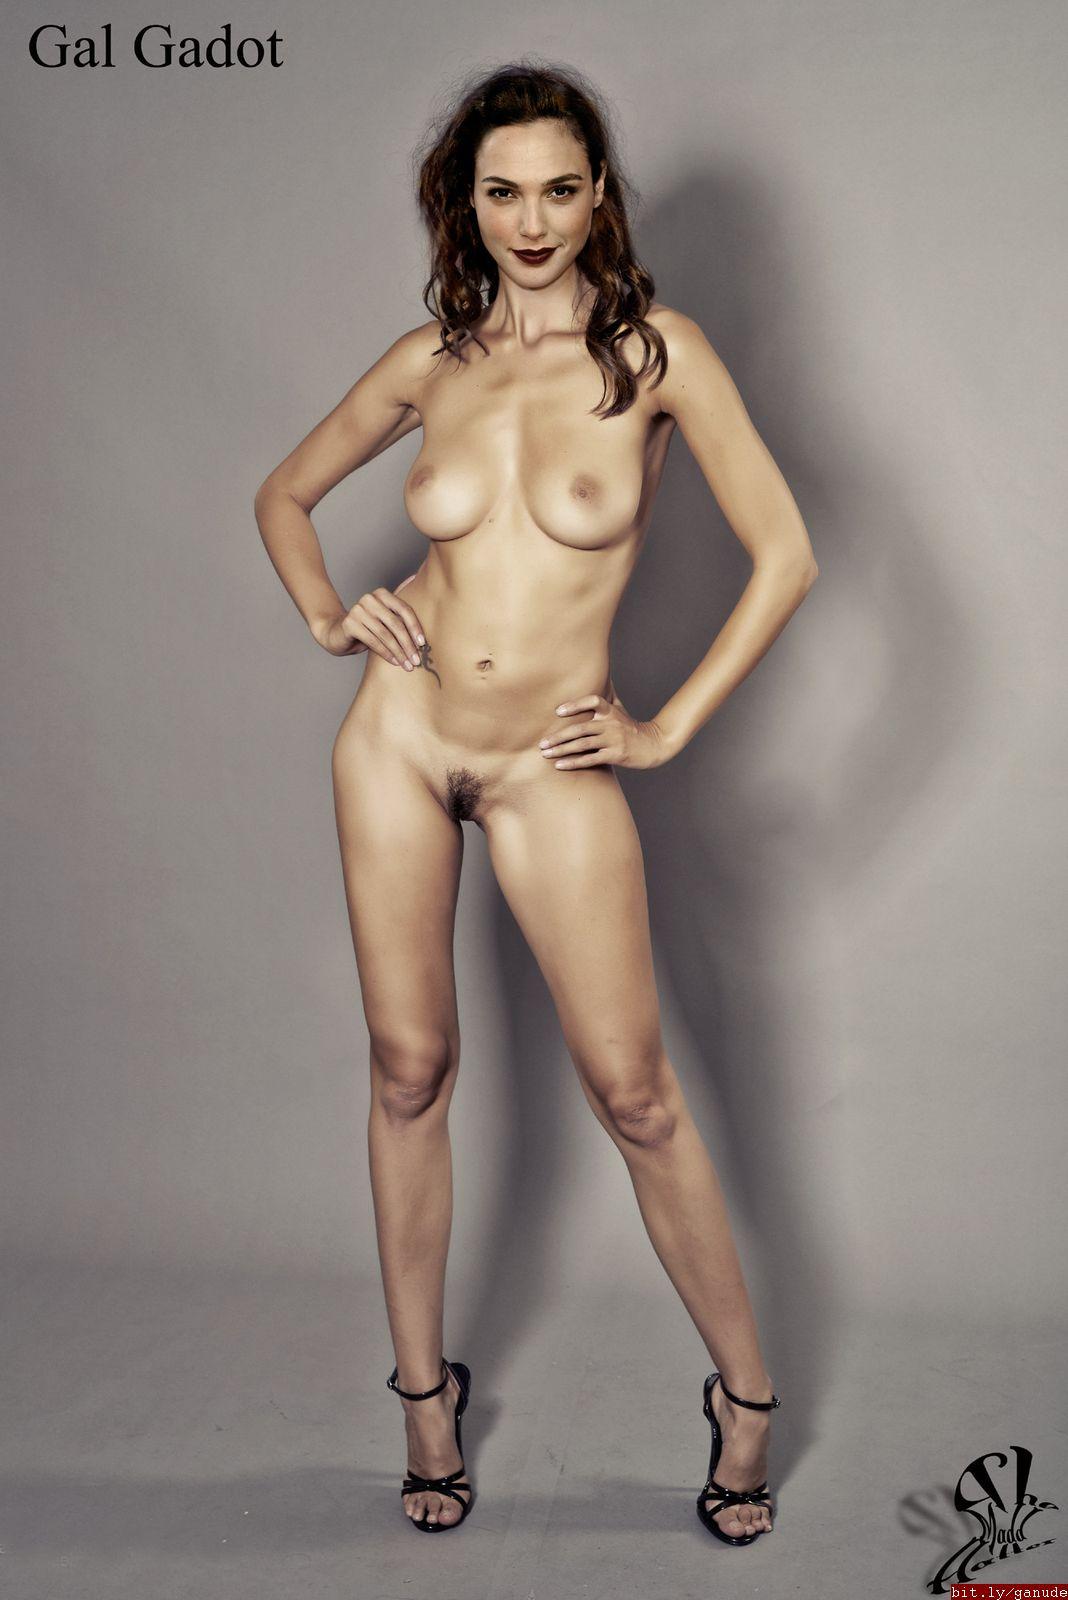 Naked Gal Gadot nude photos 2019